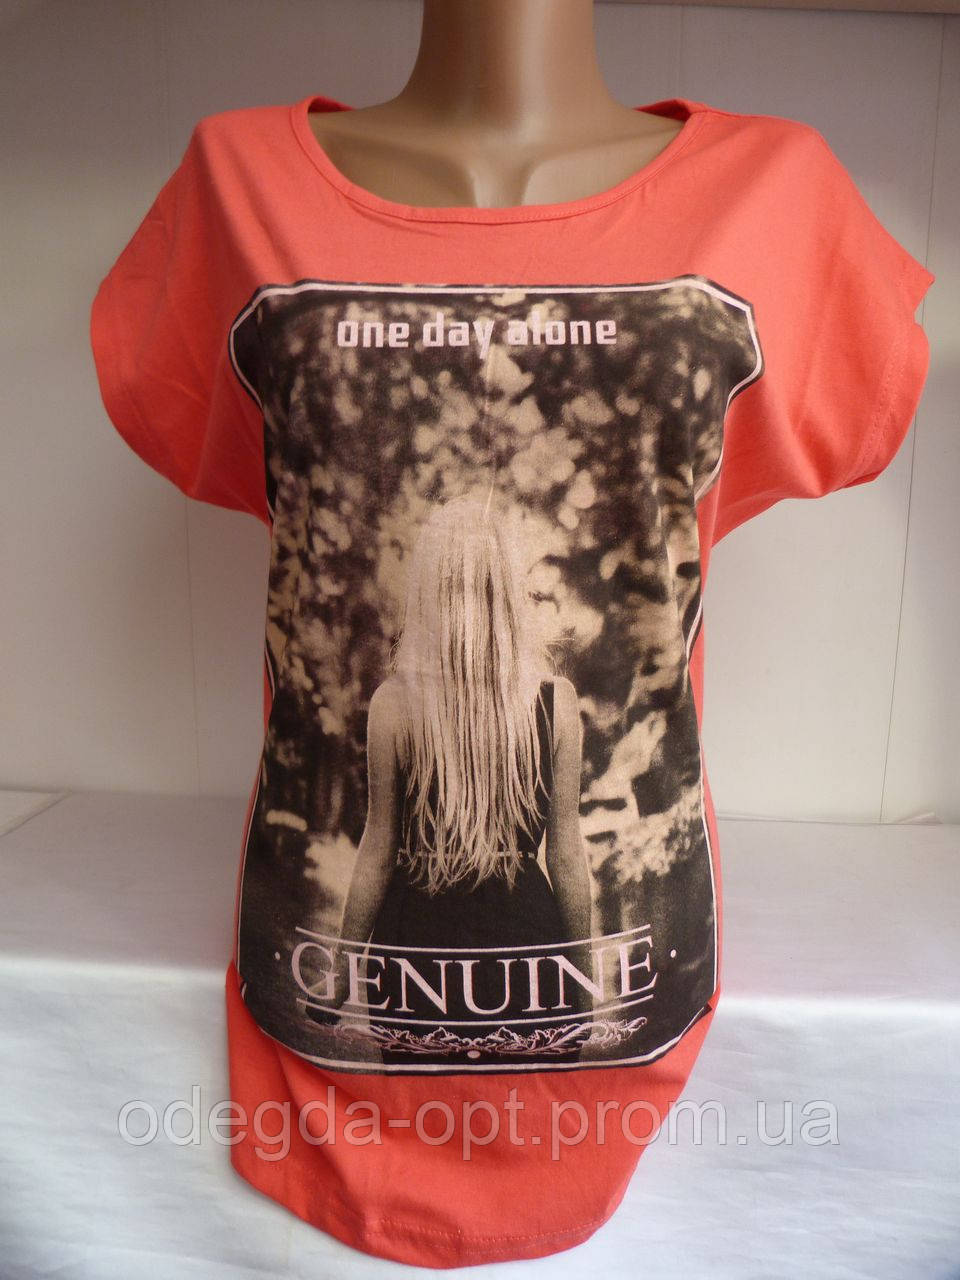 bf15be359fdc581 Футболка женская трикотаж Турция качественная купить оптом в Одессе - Интернет-магазин  одежды «Одежда